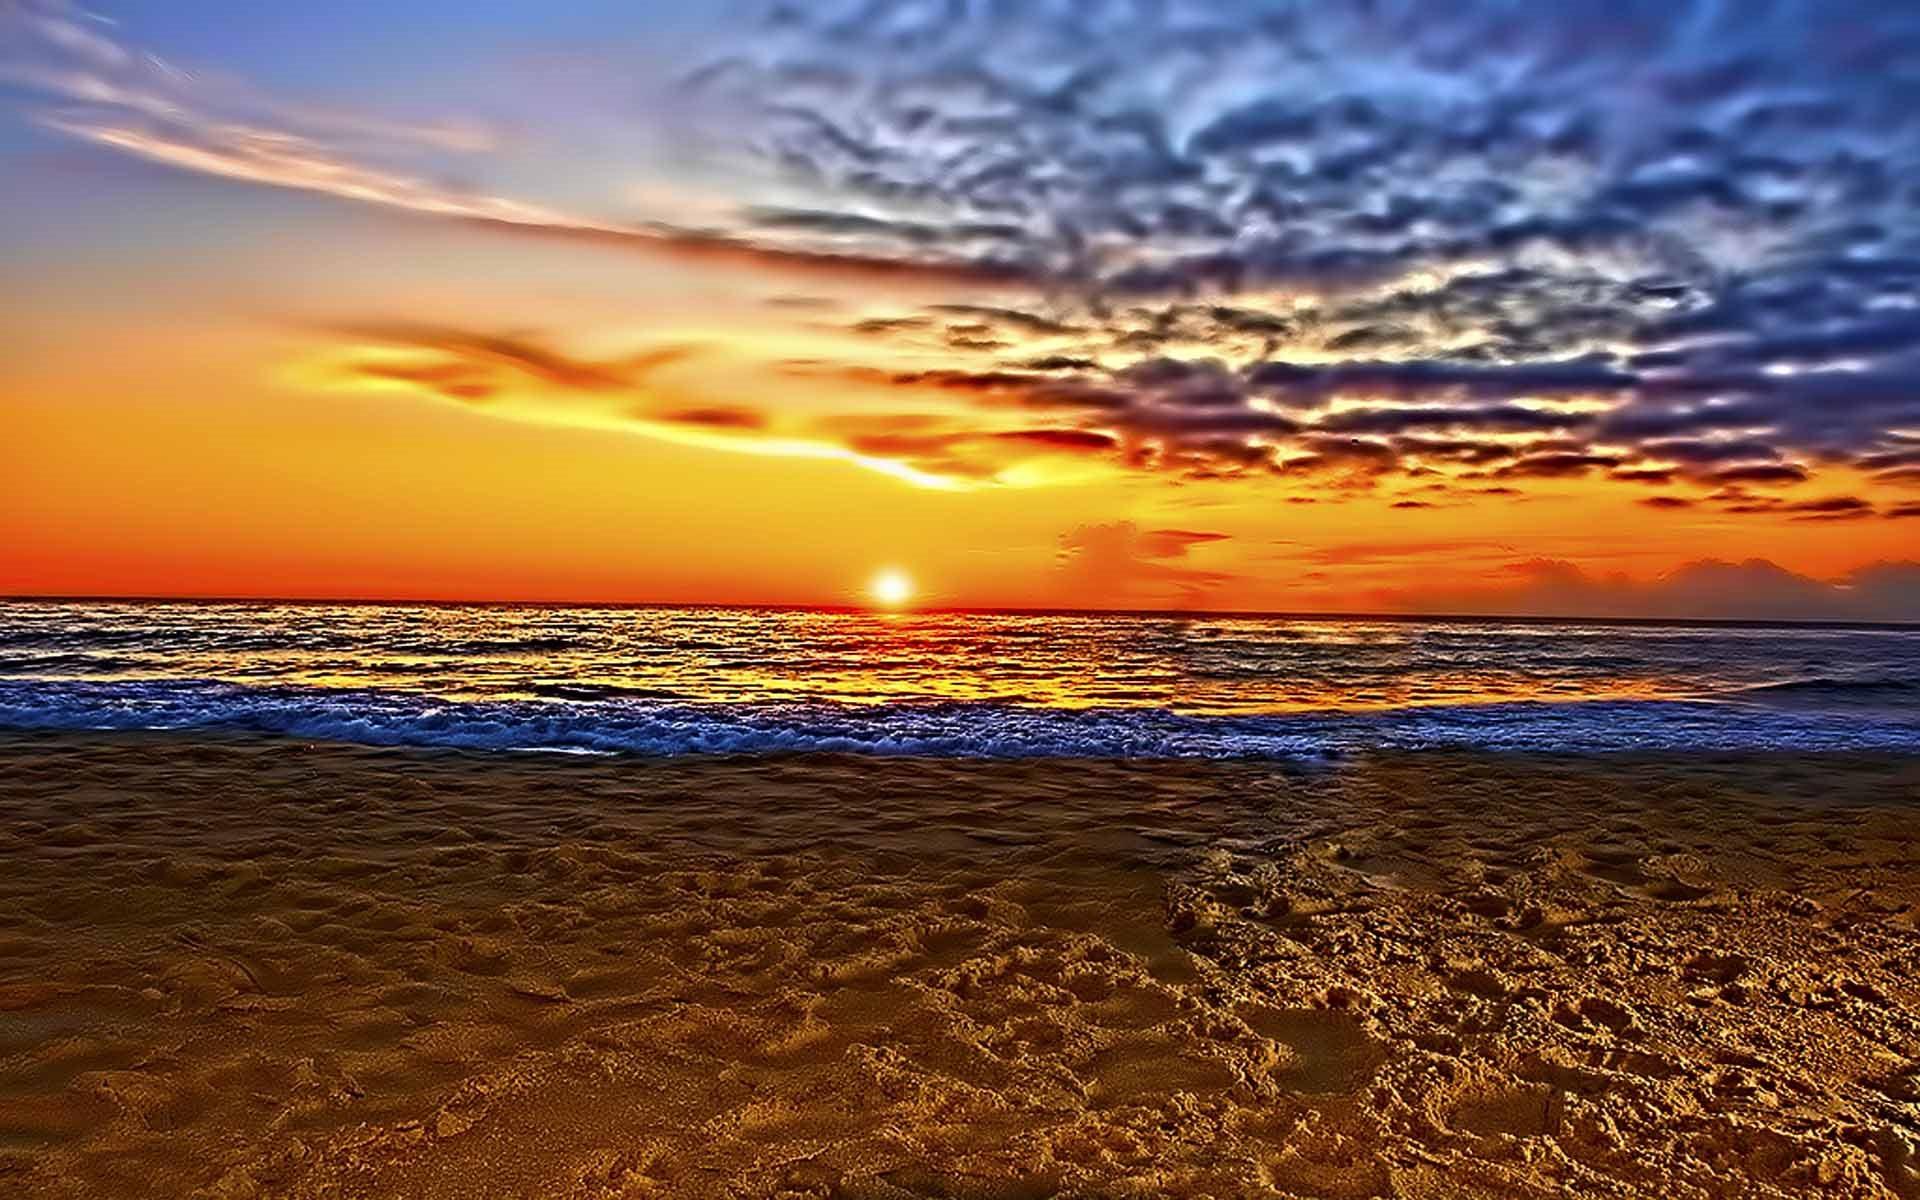 Just Beautiful Beach Sunset Wallpaper [1920x1200]Beach Sunset Backgrounds For Computer